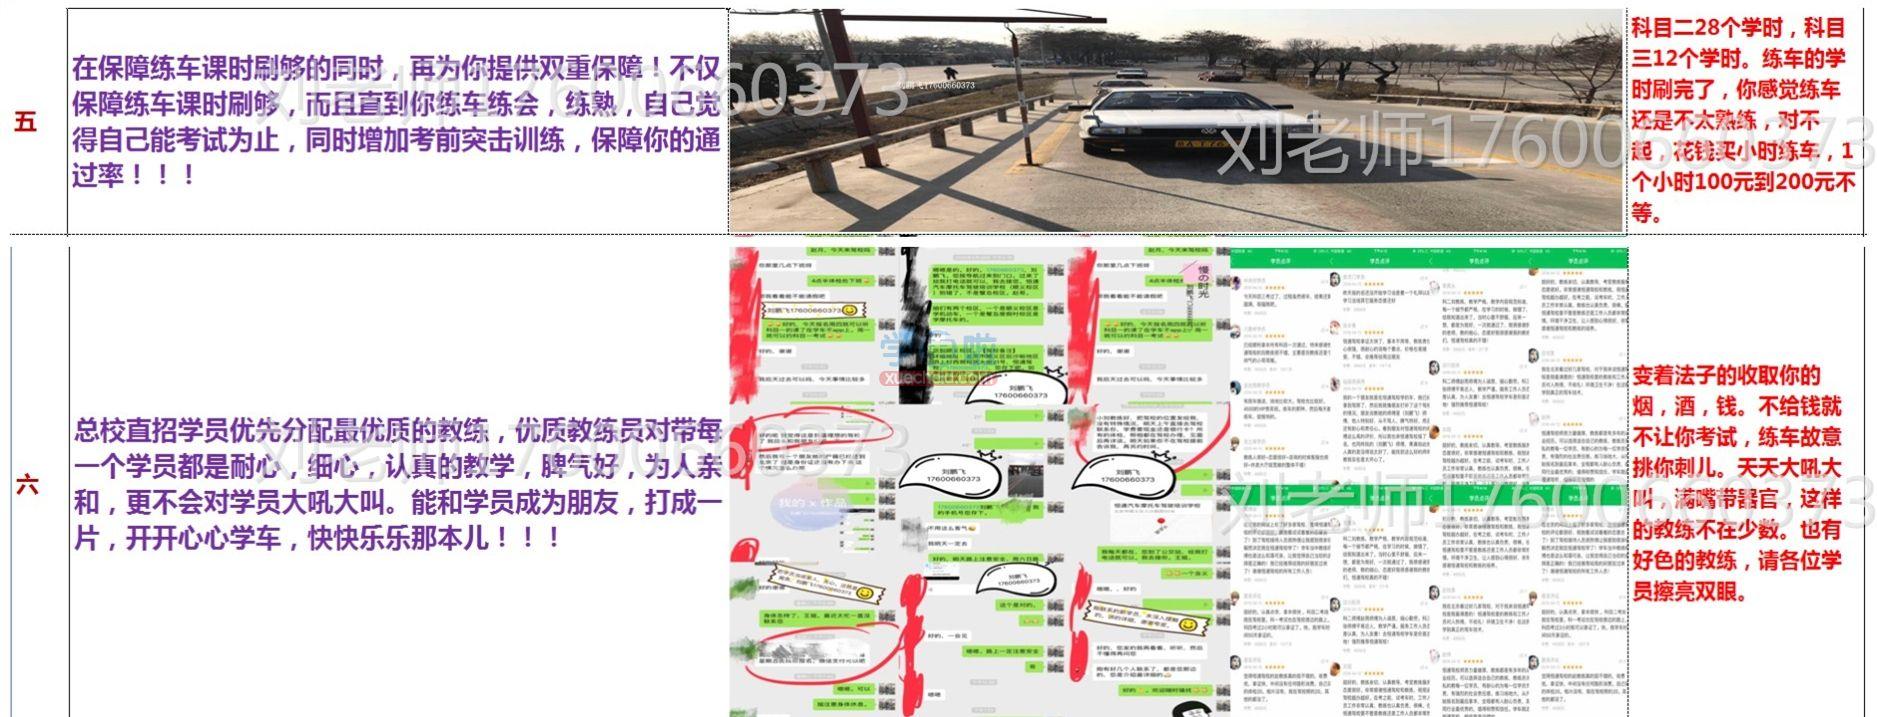 北京恒通驾校全国连锁驾校